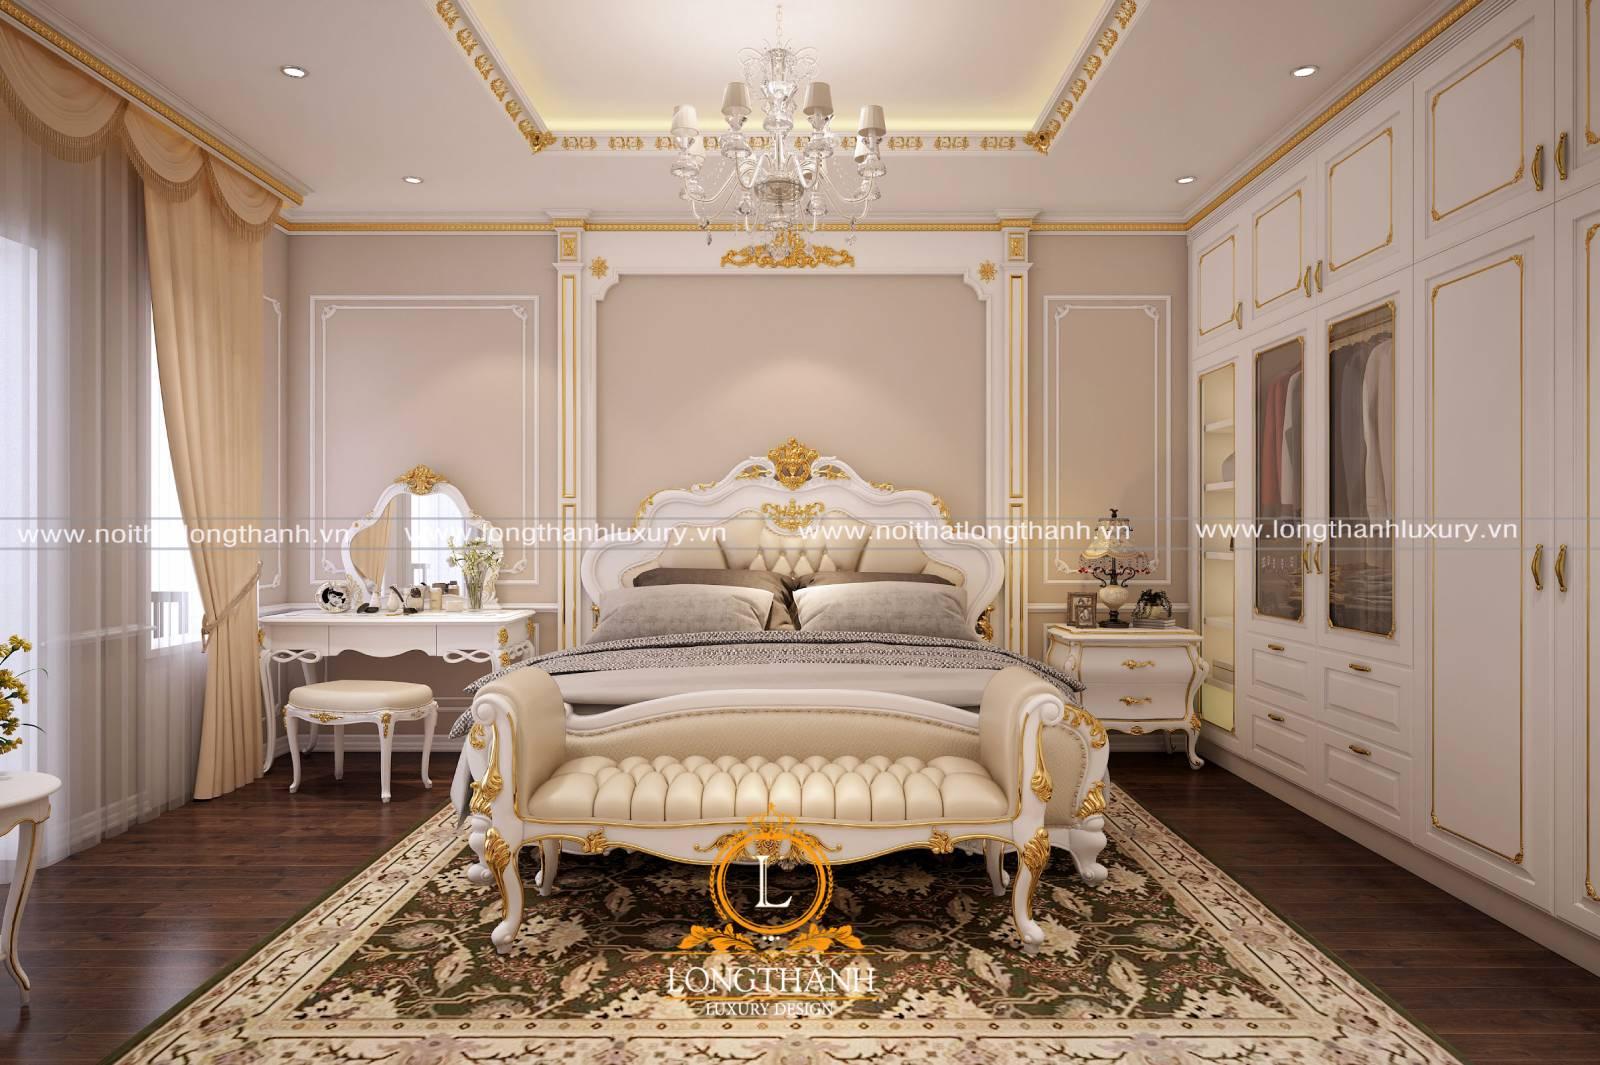 TOP #1 dịch vụ thi công nội thất phòng ngủ tân cổ điển